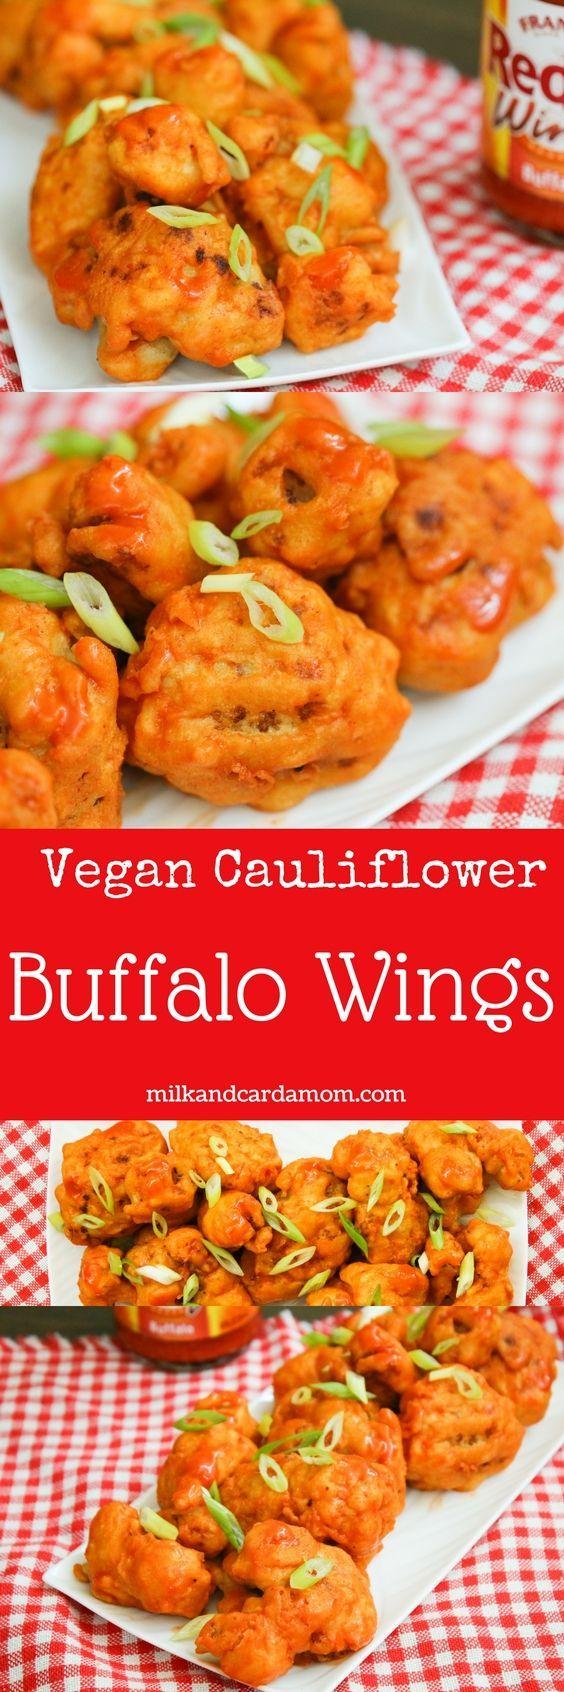 Vegan cauliflower buffalo wings!